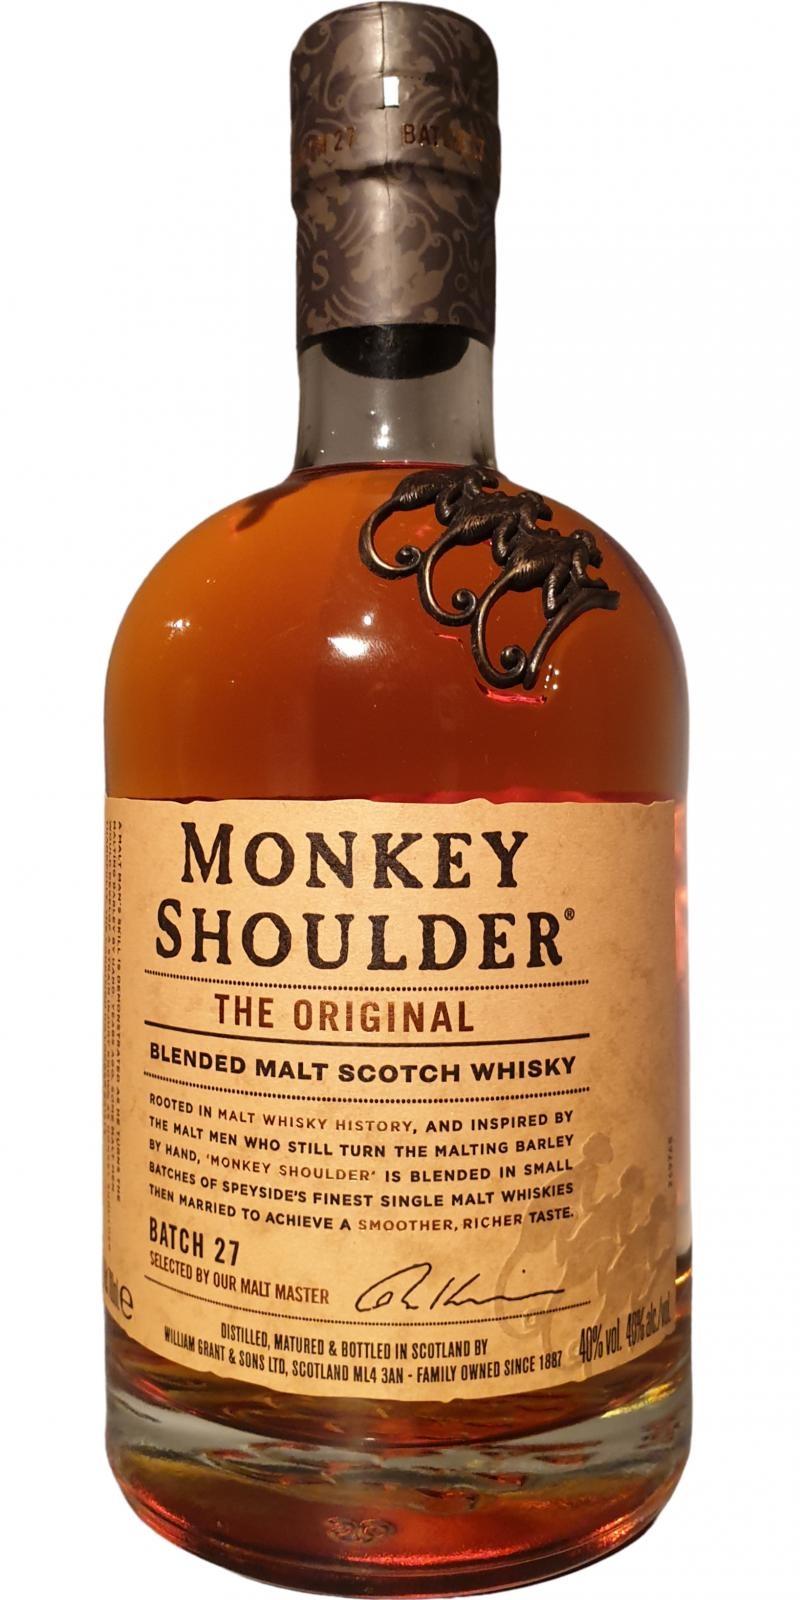 Original Distillery Bottling Monkey Shoulder blended malt Scoth whisky 40% batch27